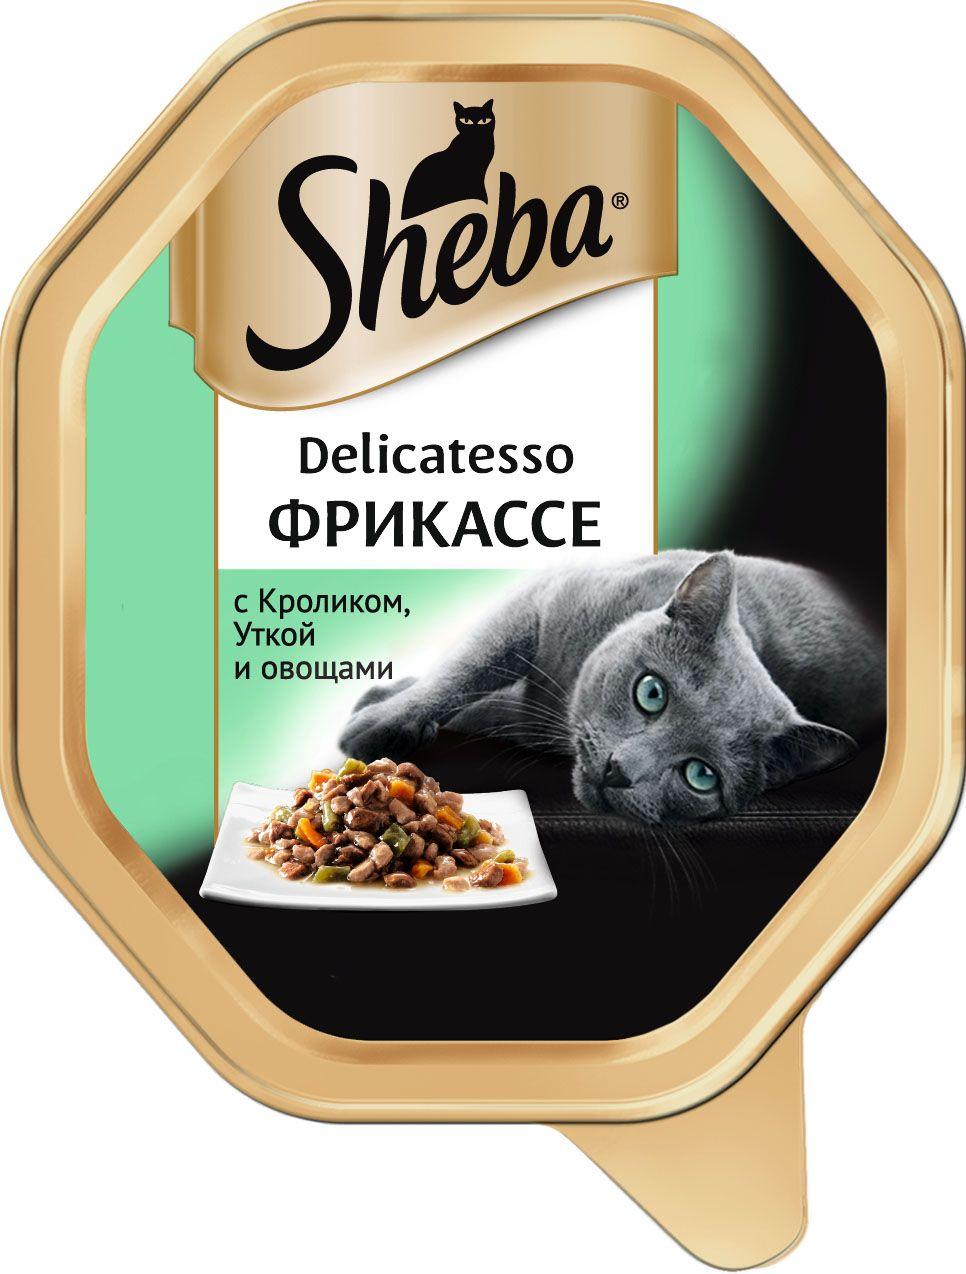 Корм консервированный Sheba Delicatesso, для взрослых кошек, от 1 года, фрикассе с кроликом, уткой и овощами, 85 г х 22 шт80690Что выберет ваша кошка сегодня – патэ или фрикассе? Встречайте пленительную новинку от Sheba - Delicatesso! Насыщенный мясной вкус и необычное сочетание паштета и мясных ломтиков не оставит вашу любимицу равнодушной, а особая сервировка подчеркнет все богатство вкуса изысканного деликатеса!